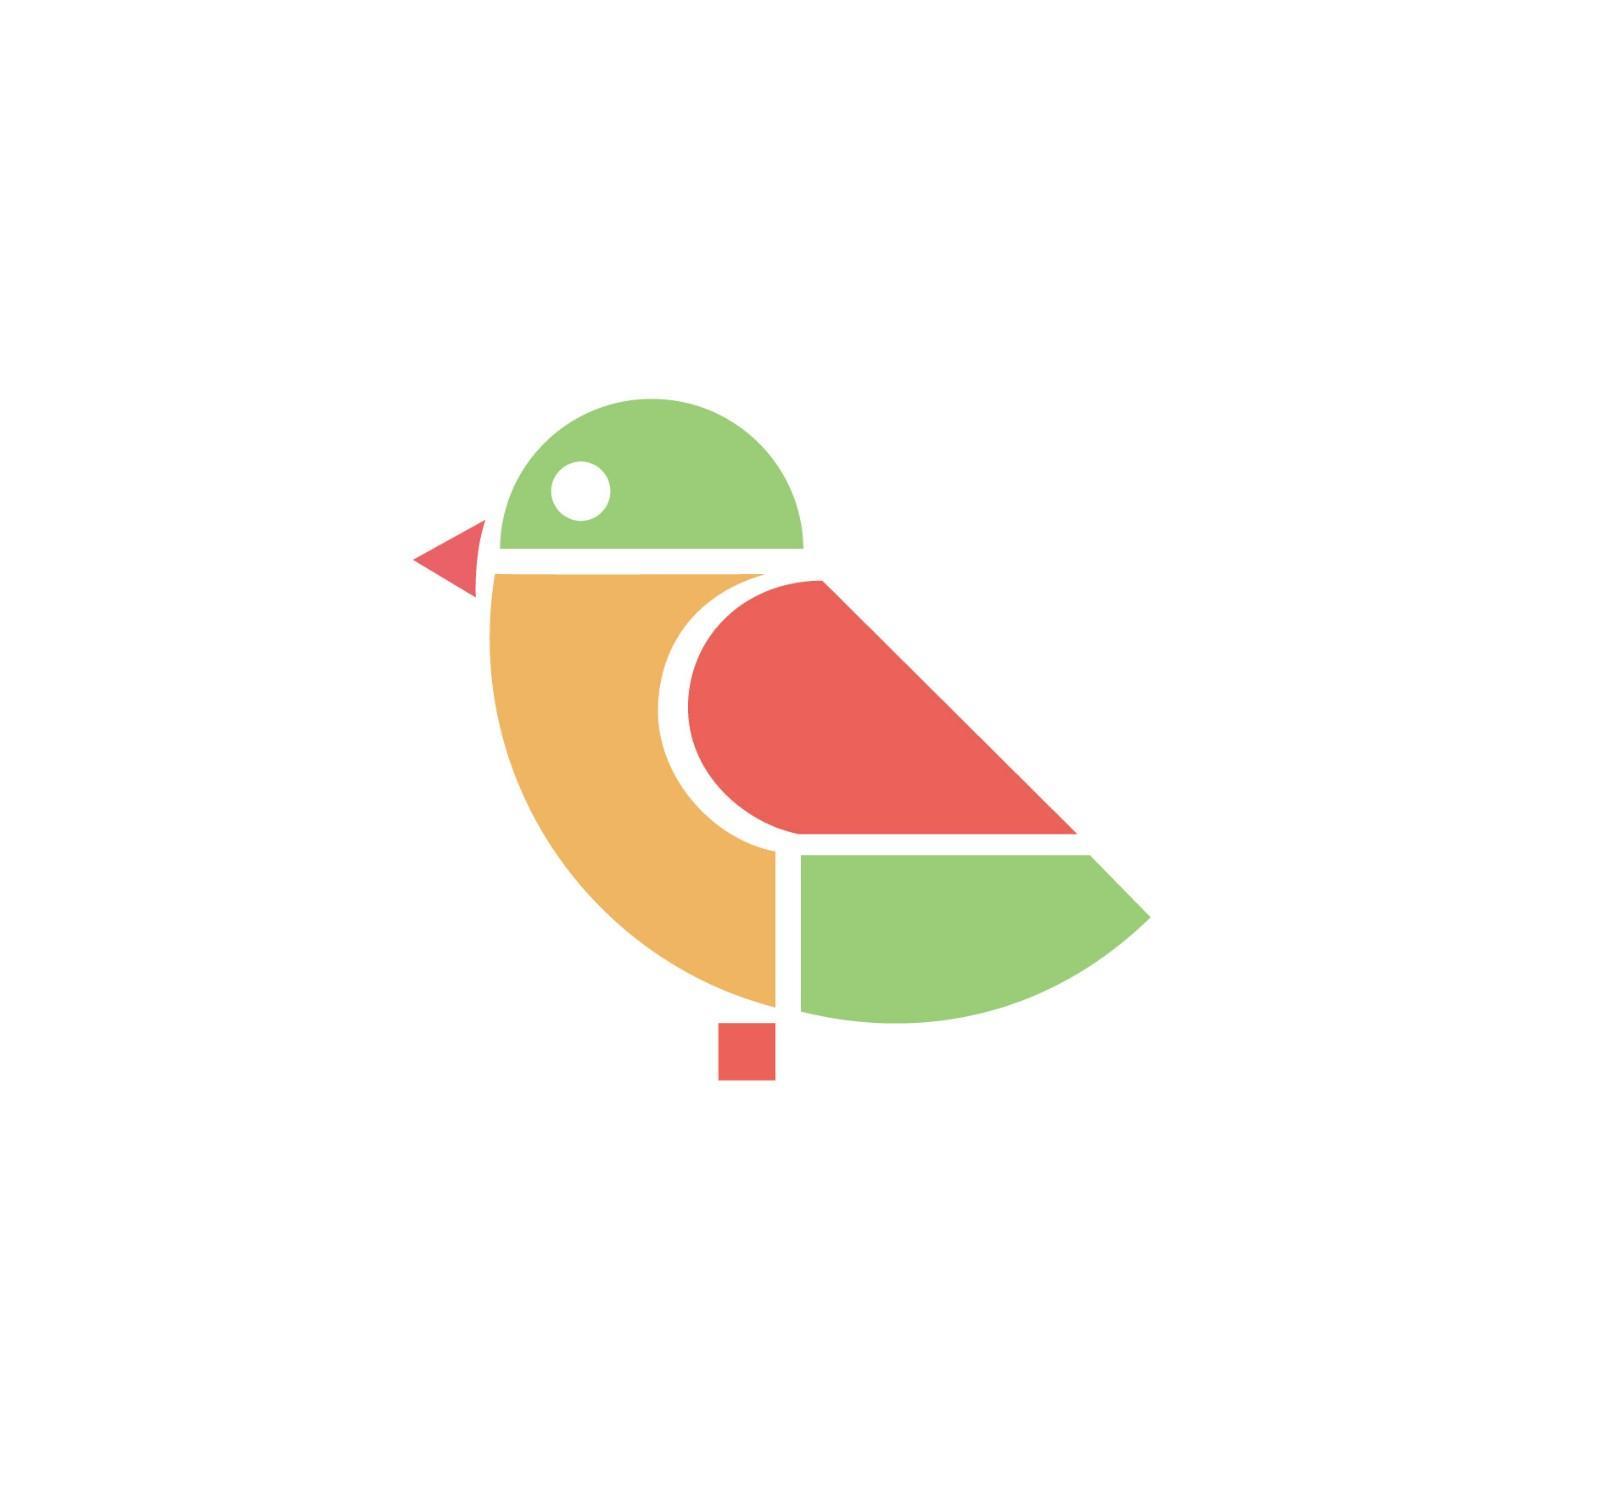 logo logo 标志 设计 矢量 矢量图 素材 图标 1600_1502